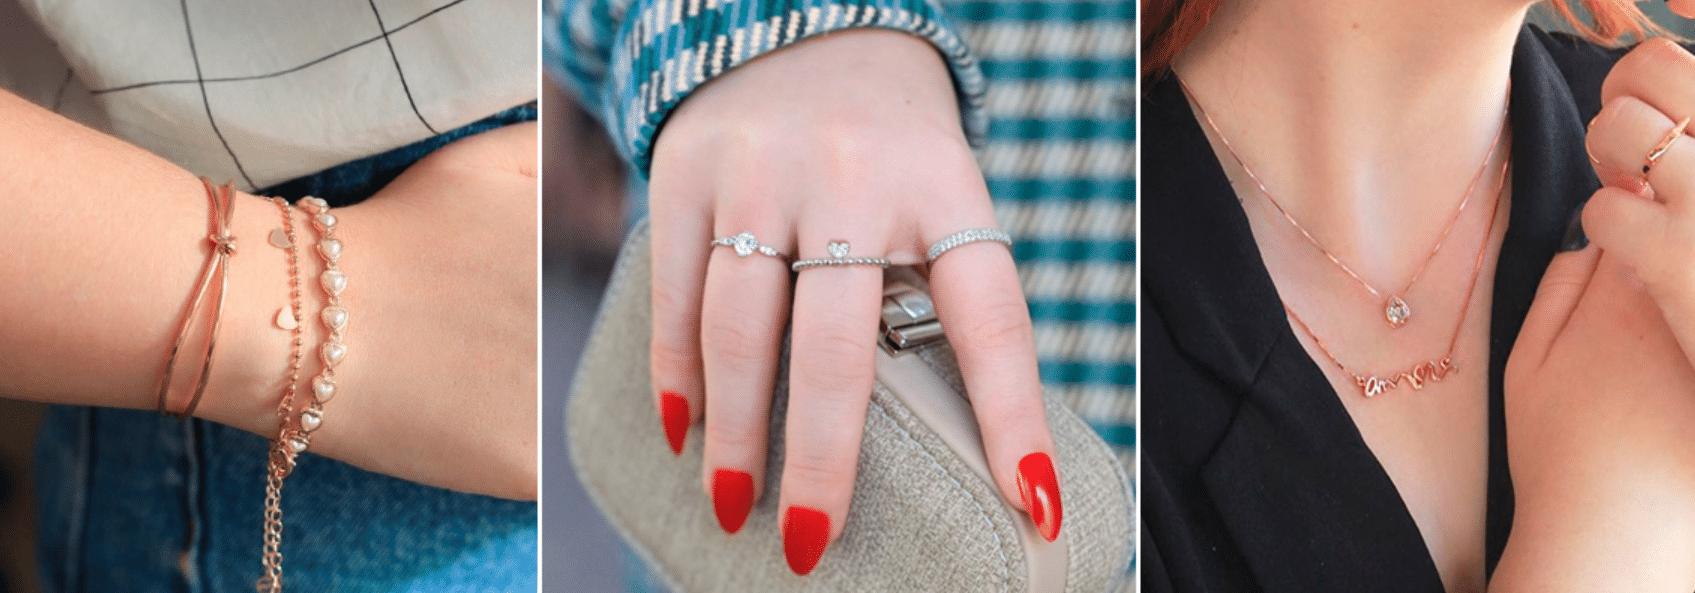 três fotos de joia sendo usadas as mãos, pulso e pescoço